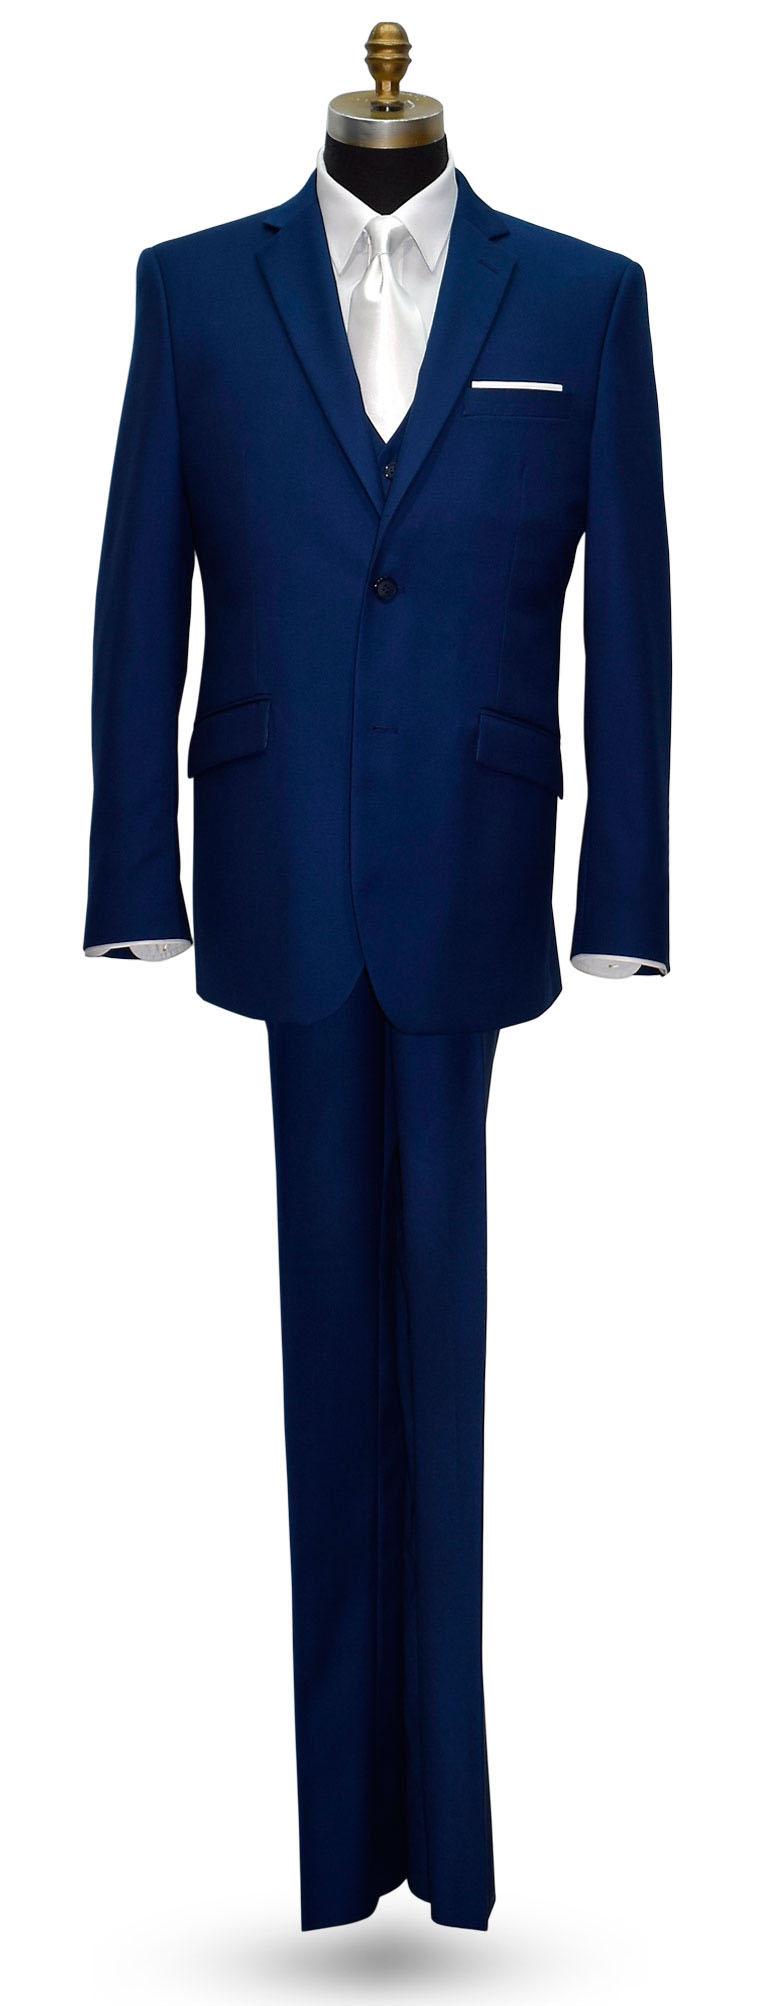 Indigo Blue Men's Sim Fit Suit-Coat and Pants. Vest is Optional